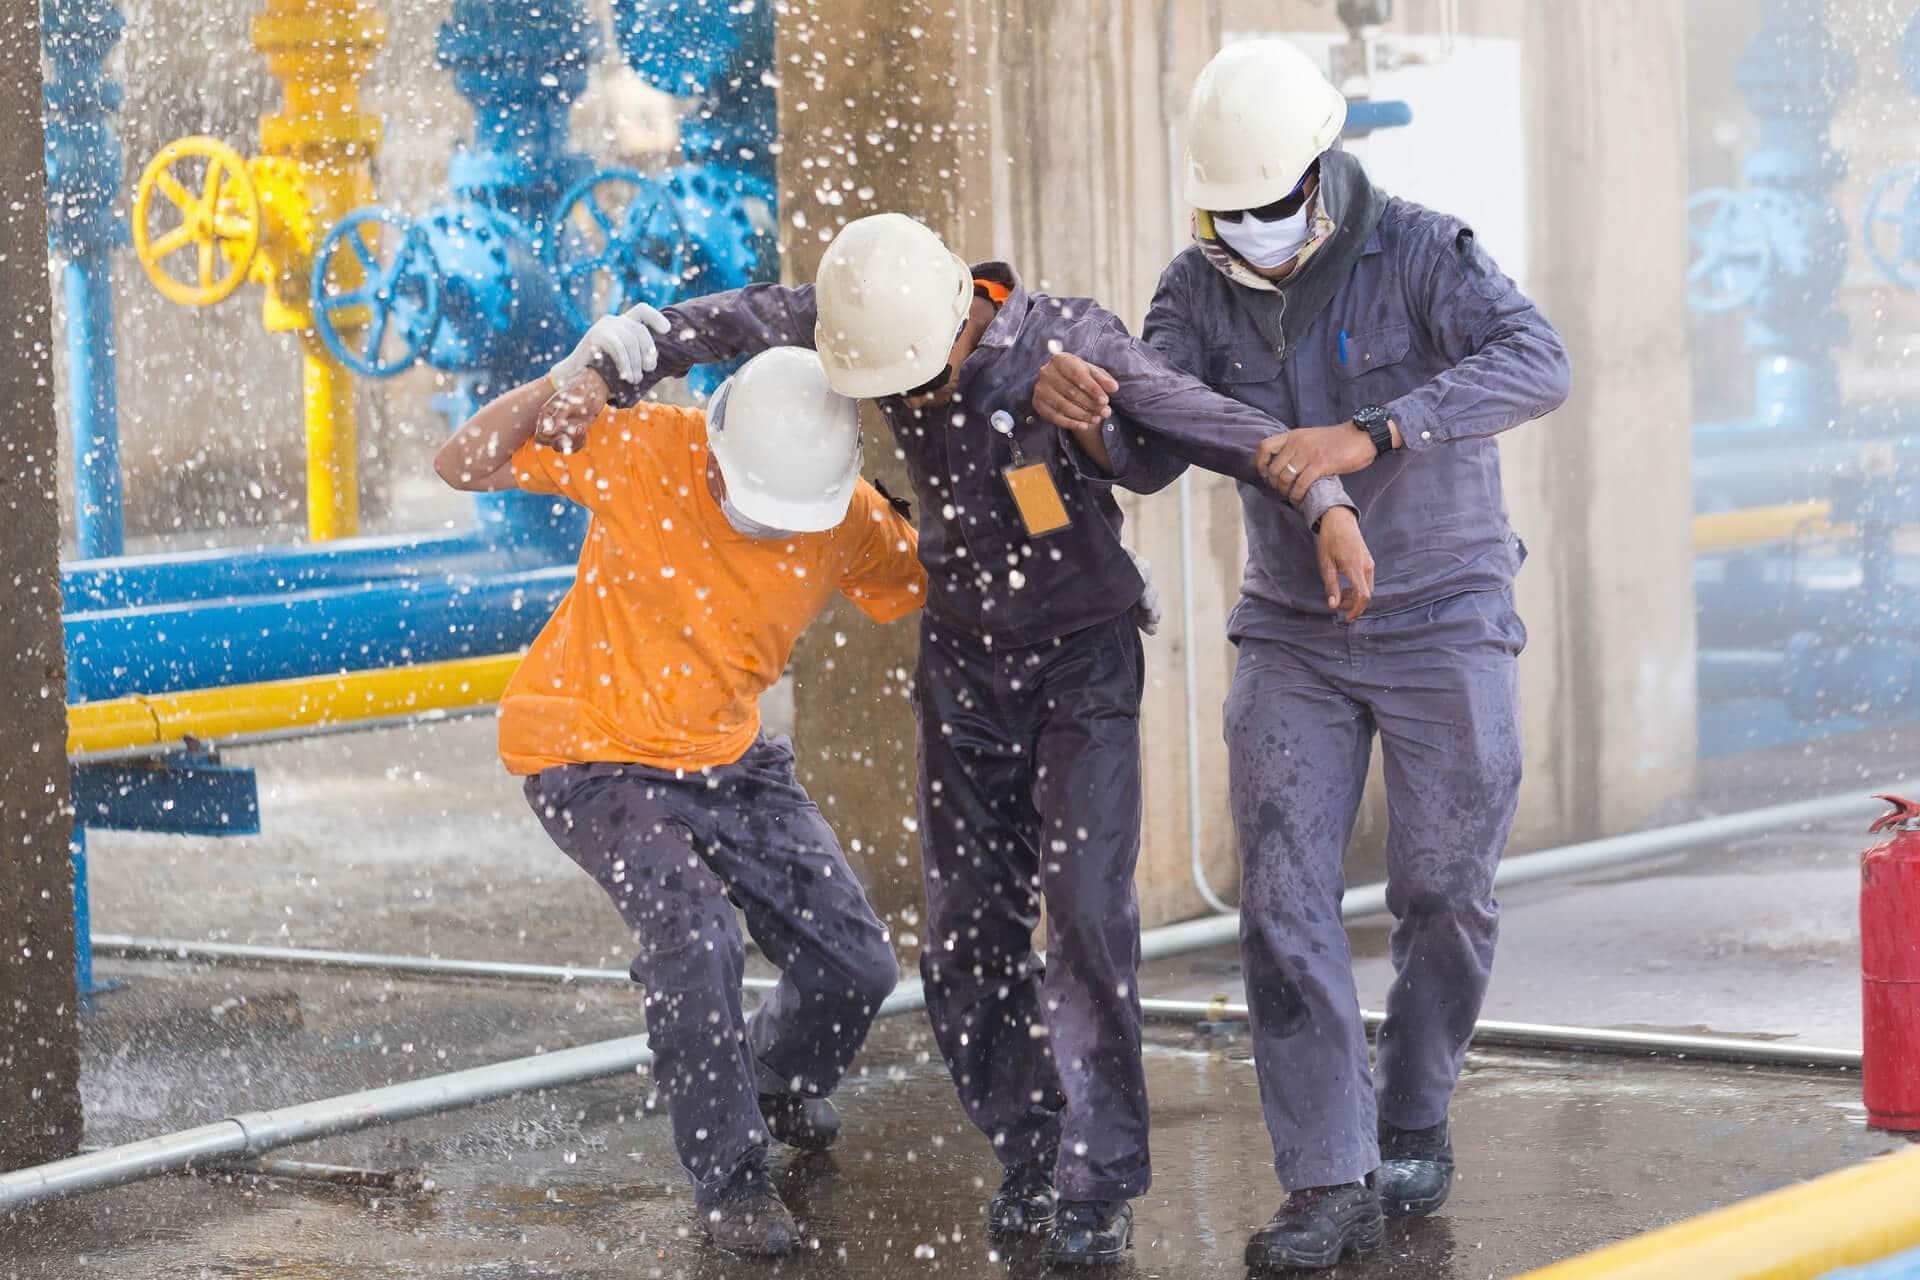 Aumento incidenti sul lavoro post lockdown scarsi controlli di sicurezza